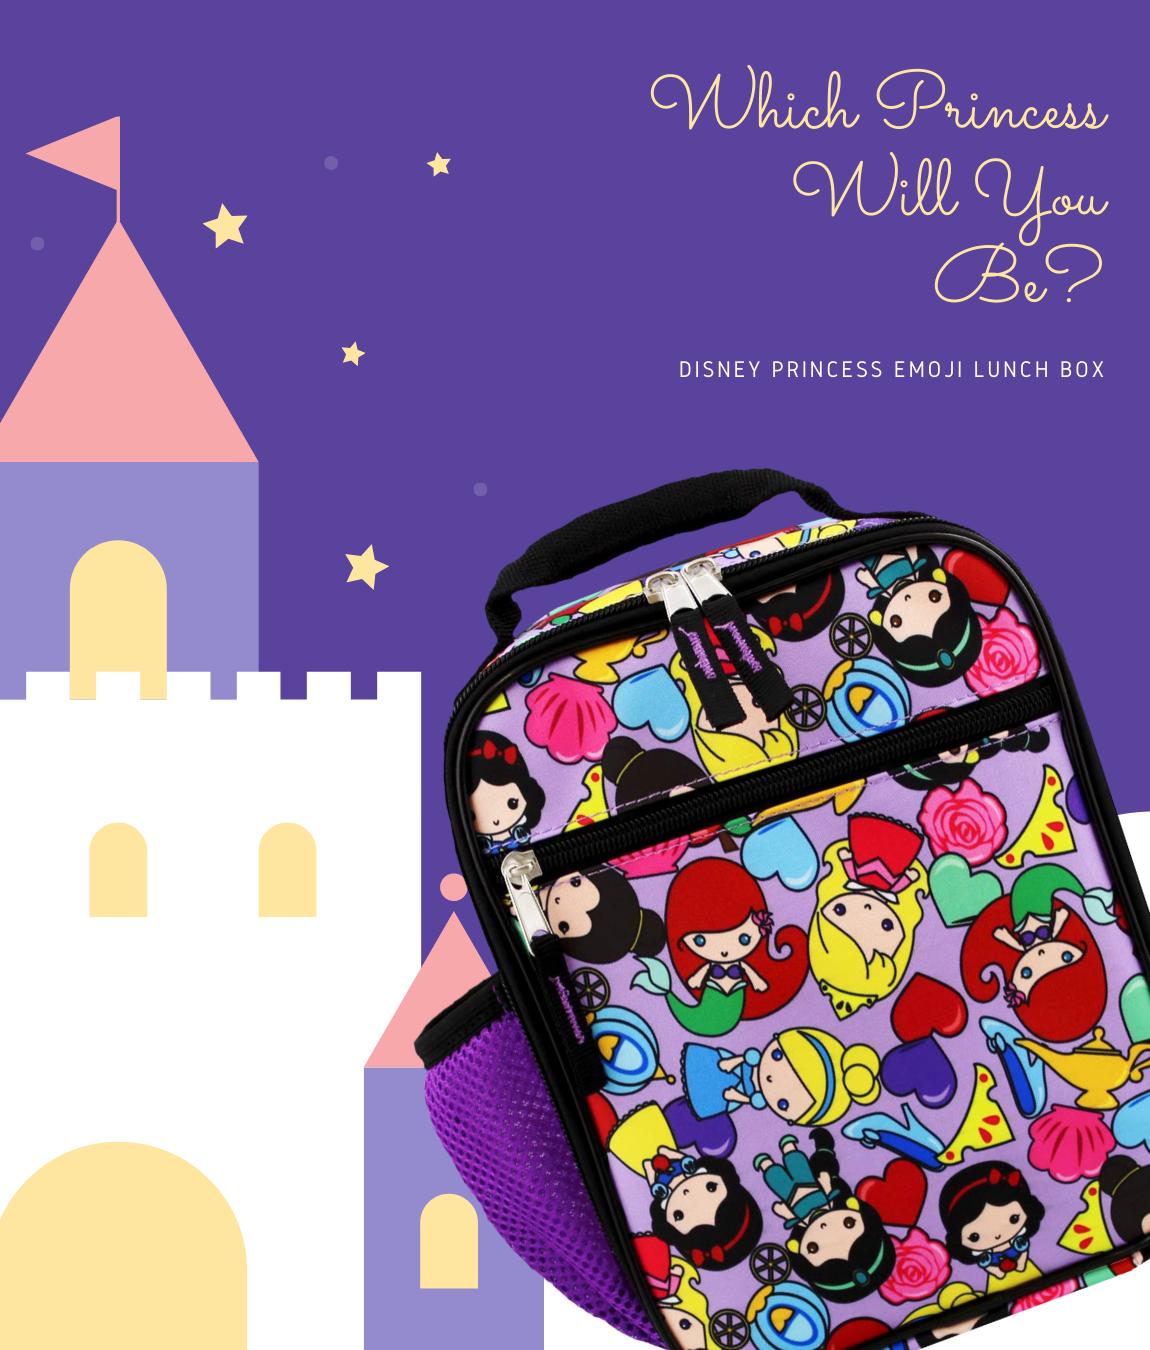 Disney Princess Emoji Lunch Box Disney Princess Emoji Lunch Box Girls Lunch Boxes